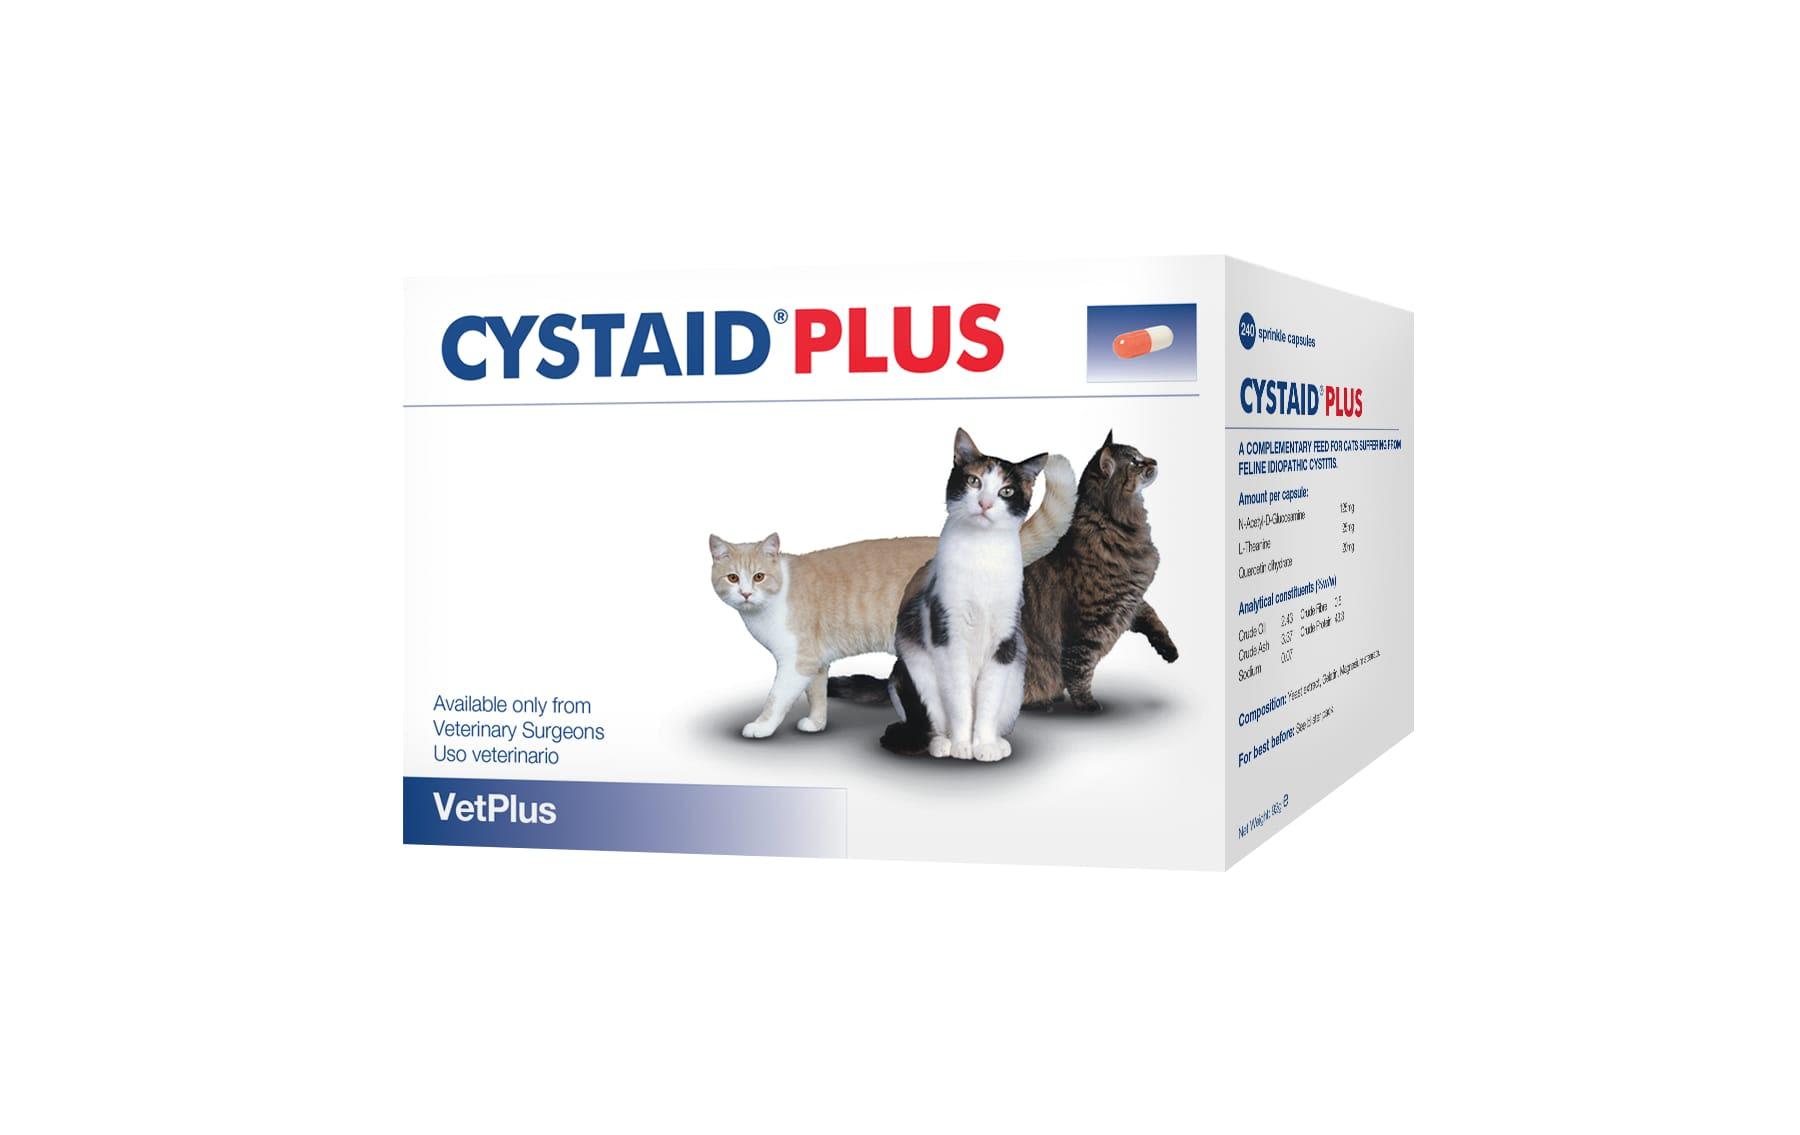 Feline Cystaid Plus Capsules - 240 Capsules